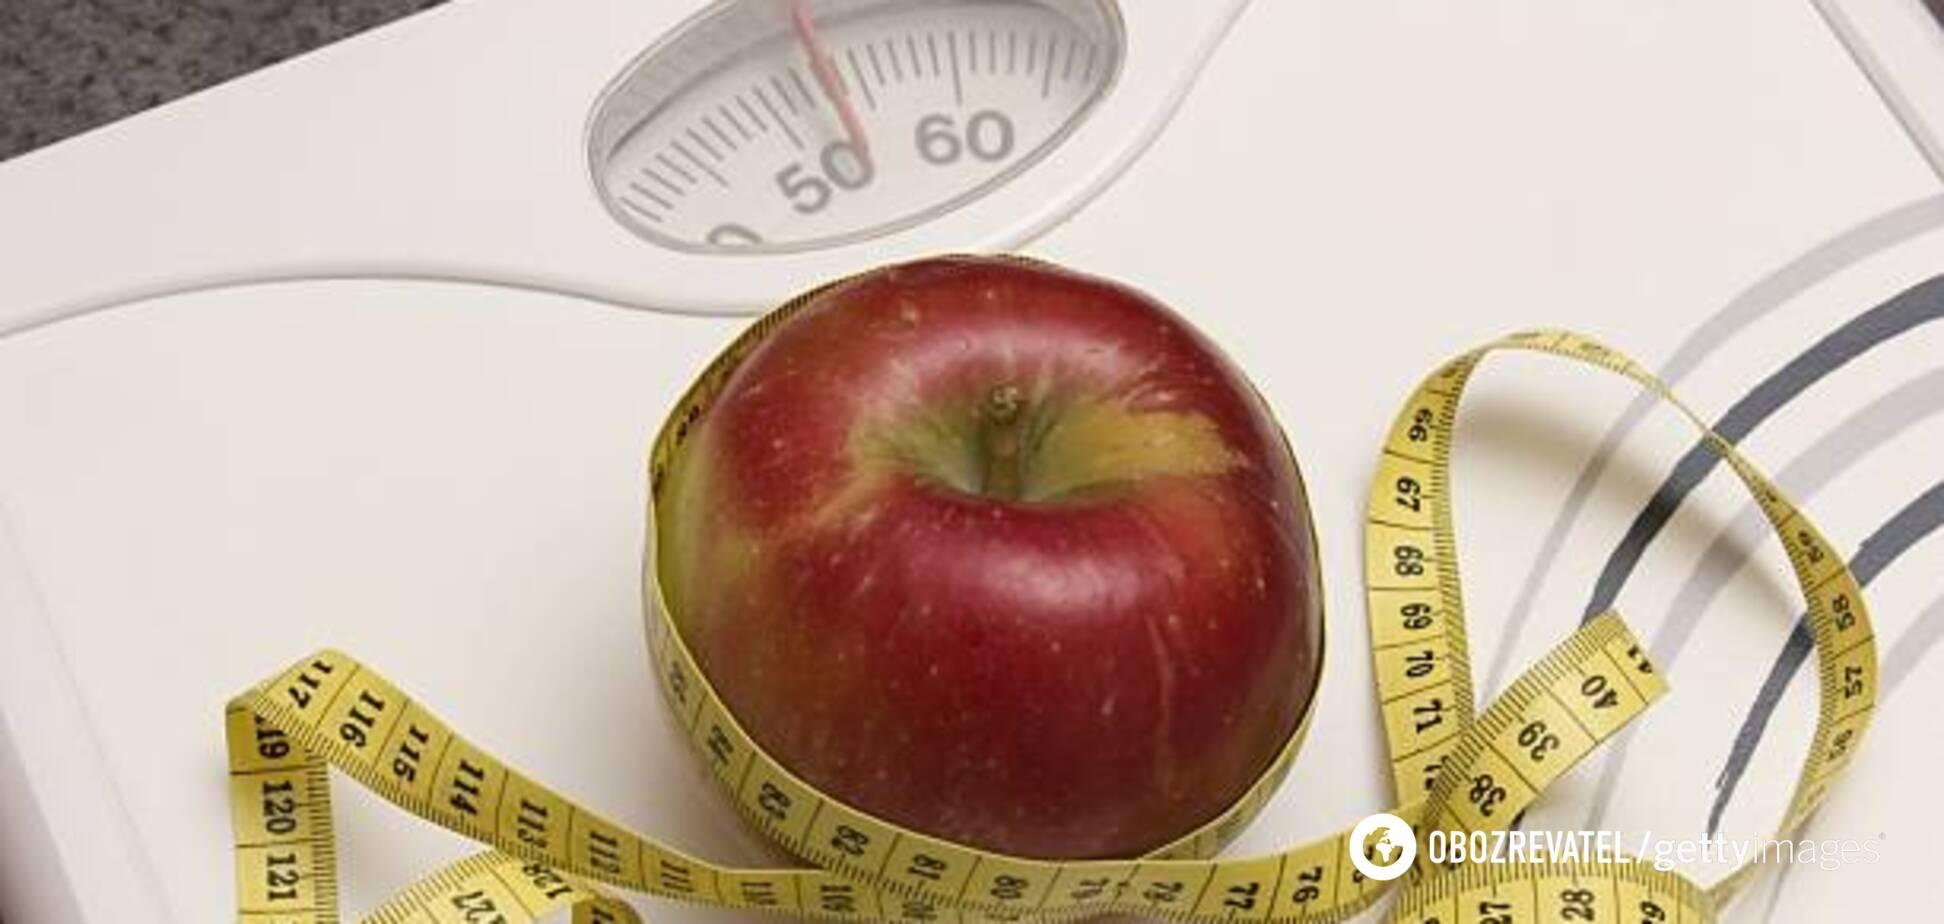 Не только анализы: диетологи рассказали, с чего начинают лечение клиенты